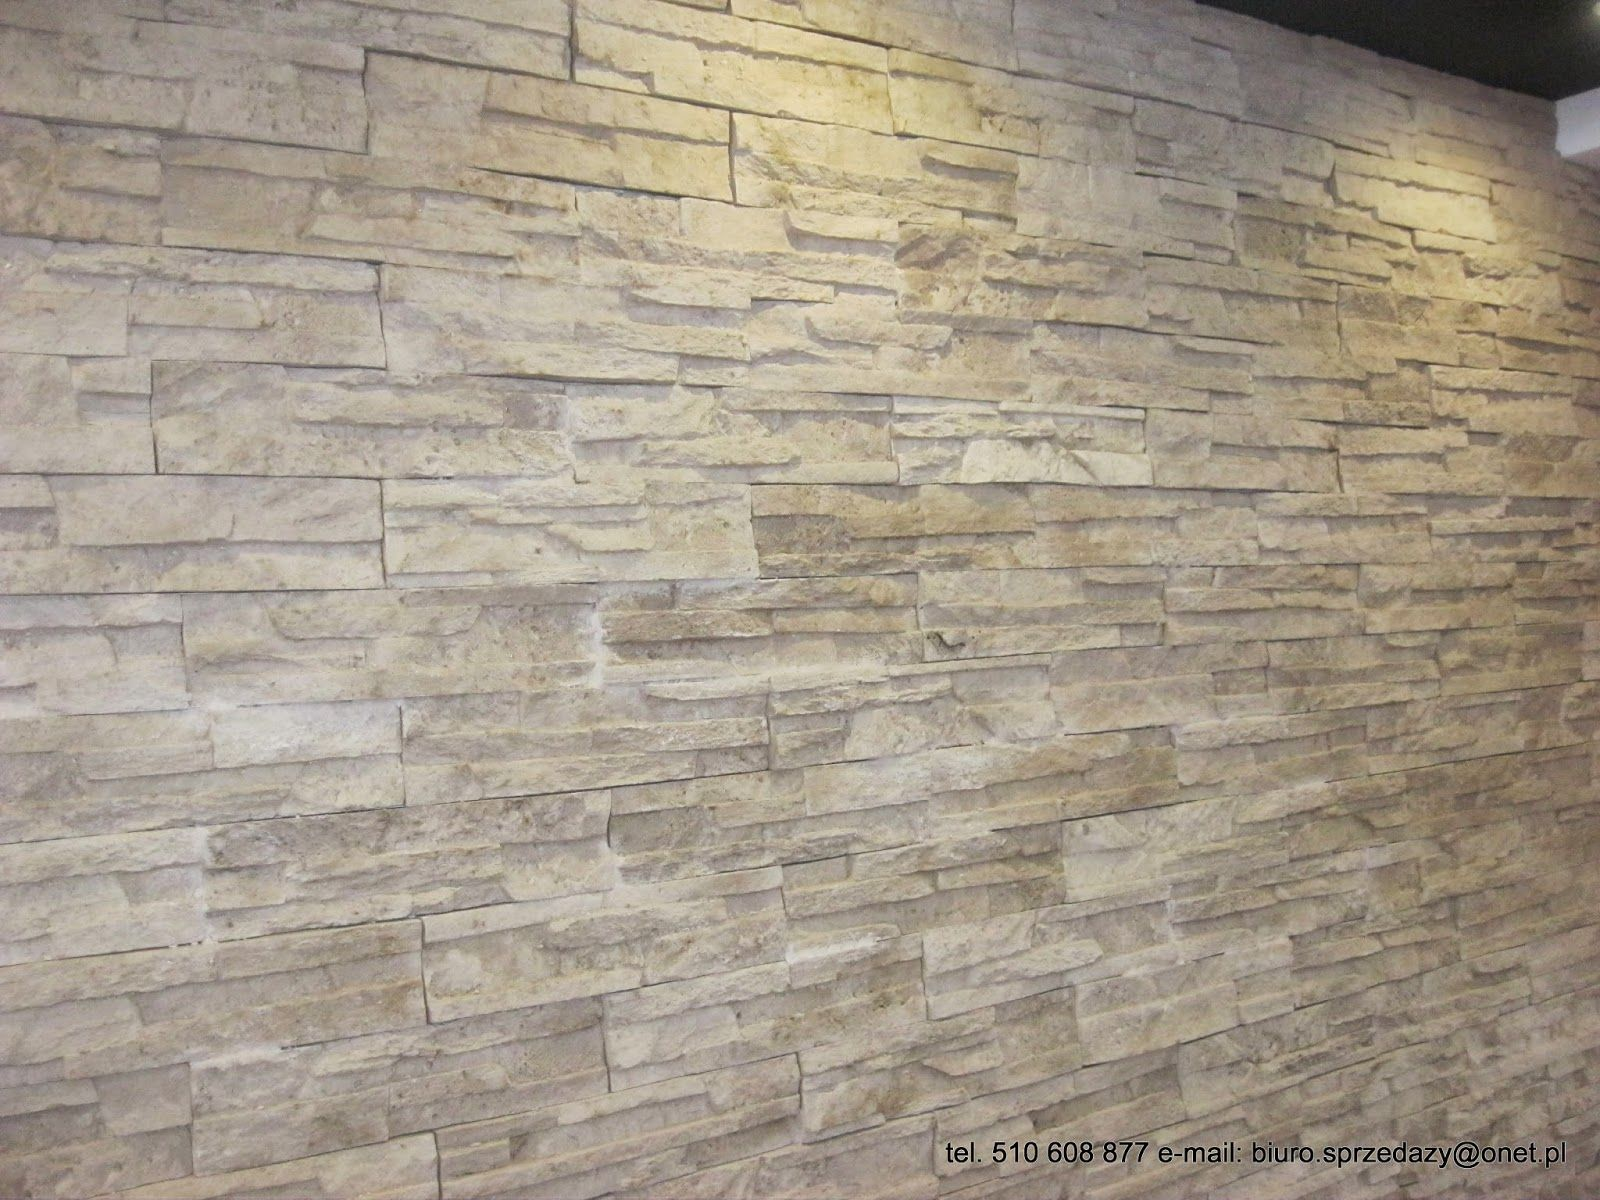 Hrw Polska Glogow Kamien Dekoracyjnytel 510 608 877 E Mail Biuro Sprzedazy Onet Pl Hardwood Floors Hardwood Flooring